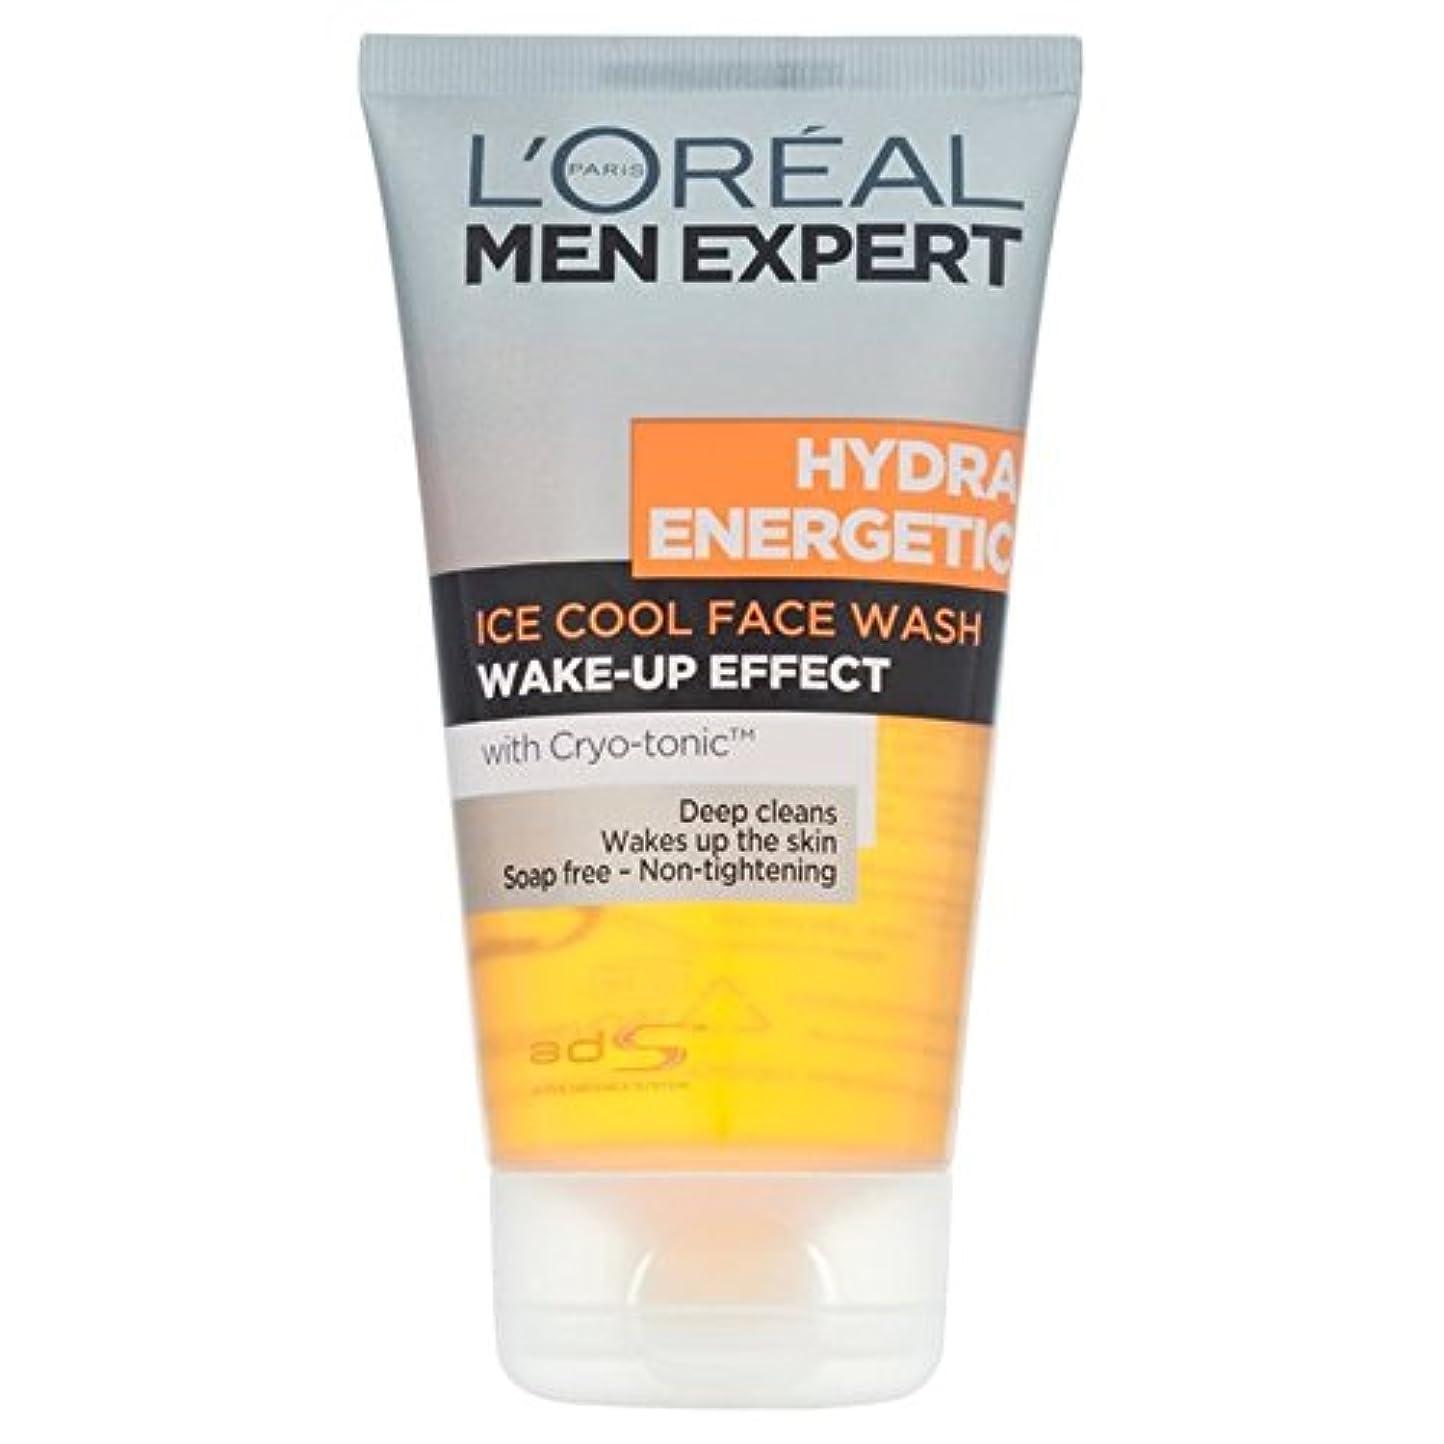 パンダ好奇心ピカソL'Oreal Men Expert Hydra Energetic Foaming Cleansing Gel 150ml - ロレアルの男性の専門家ヒドラエネルギッシュな発泡クレンジングジェル150 [並行輸入品]